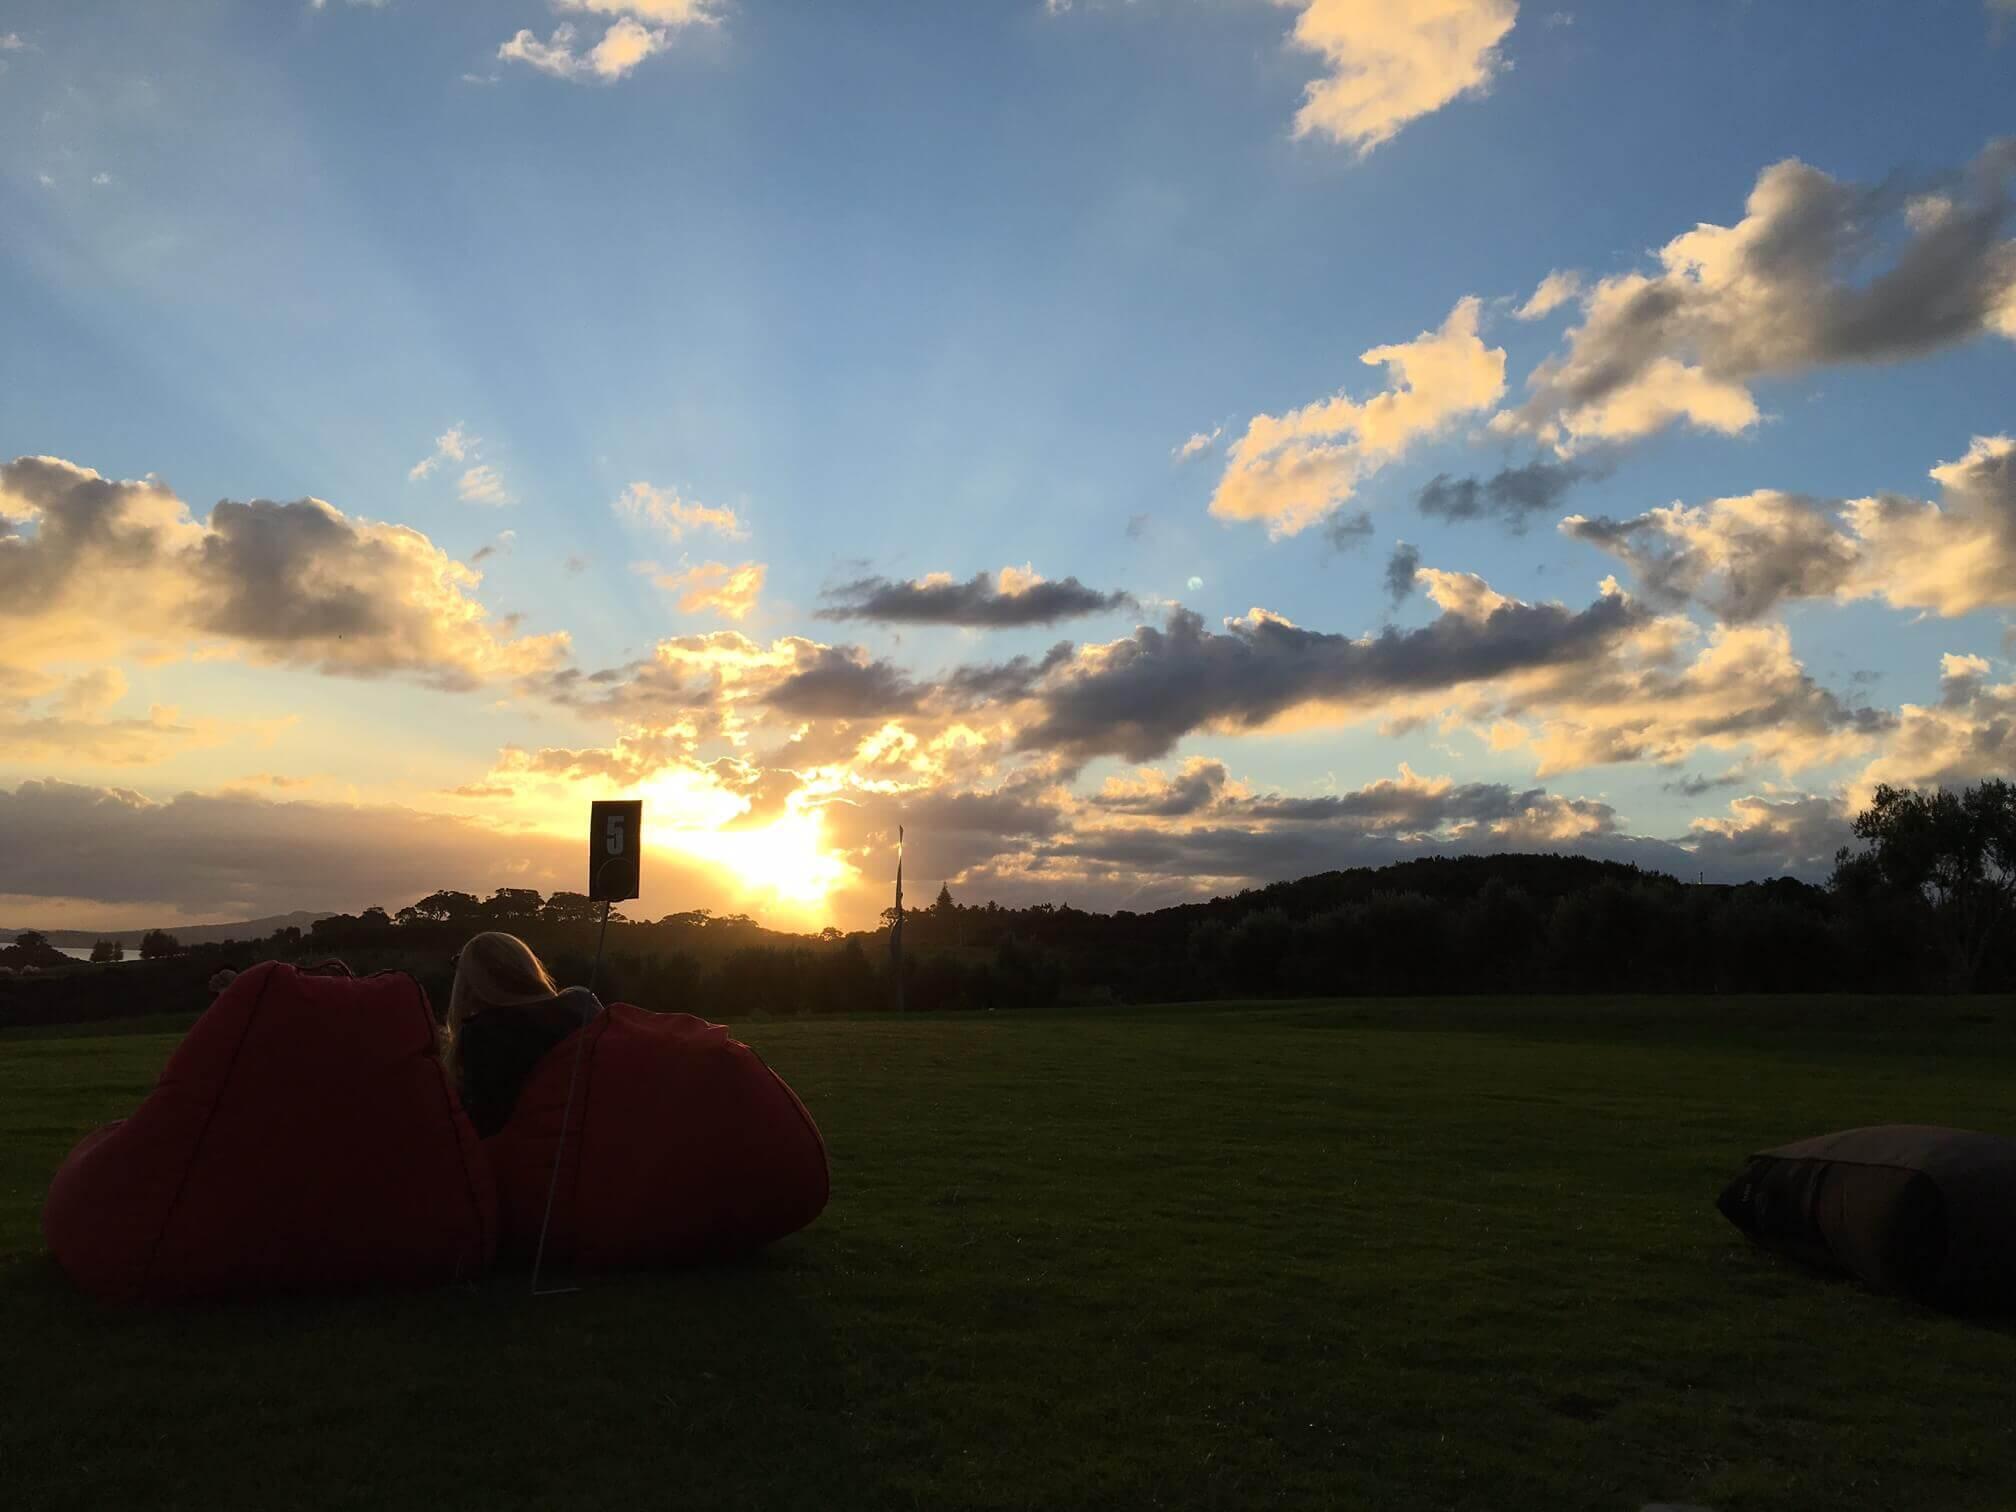 Sonnenuntergang in Waiheke, Neuseeland